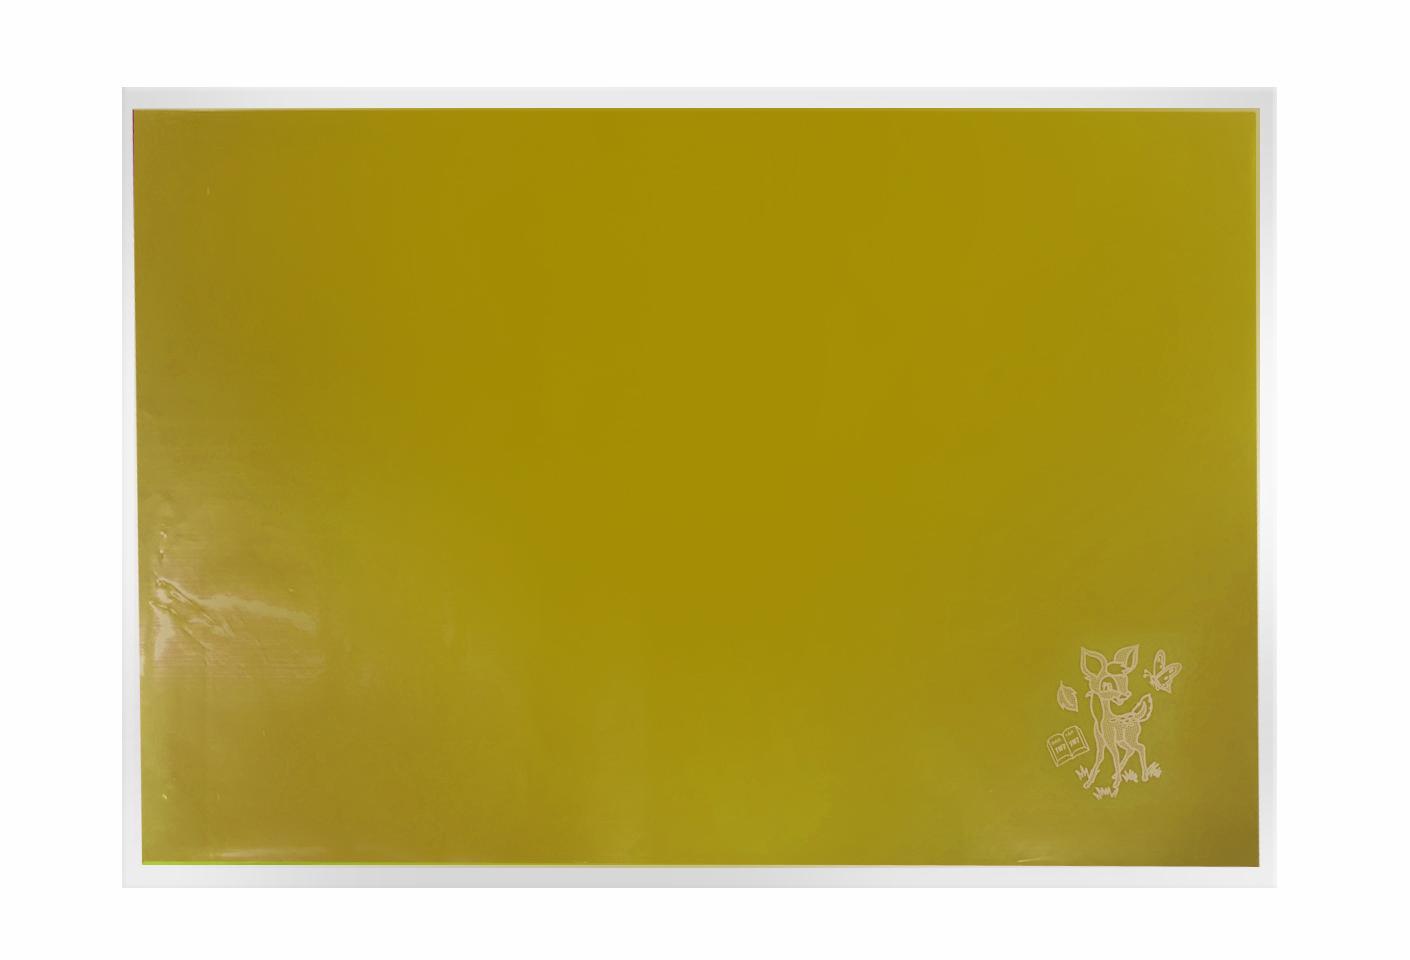 Mua Bao tập + Giấy màu Vàng TN (25 tờ/xấp)